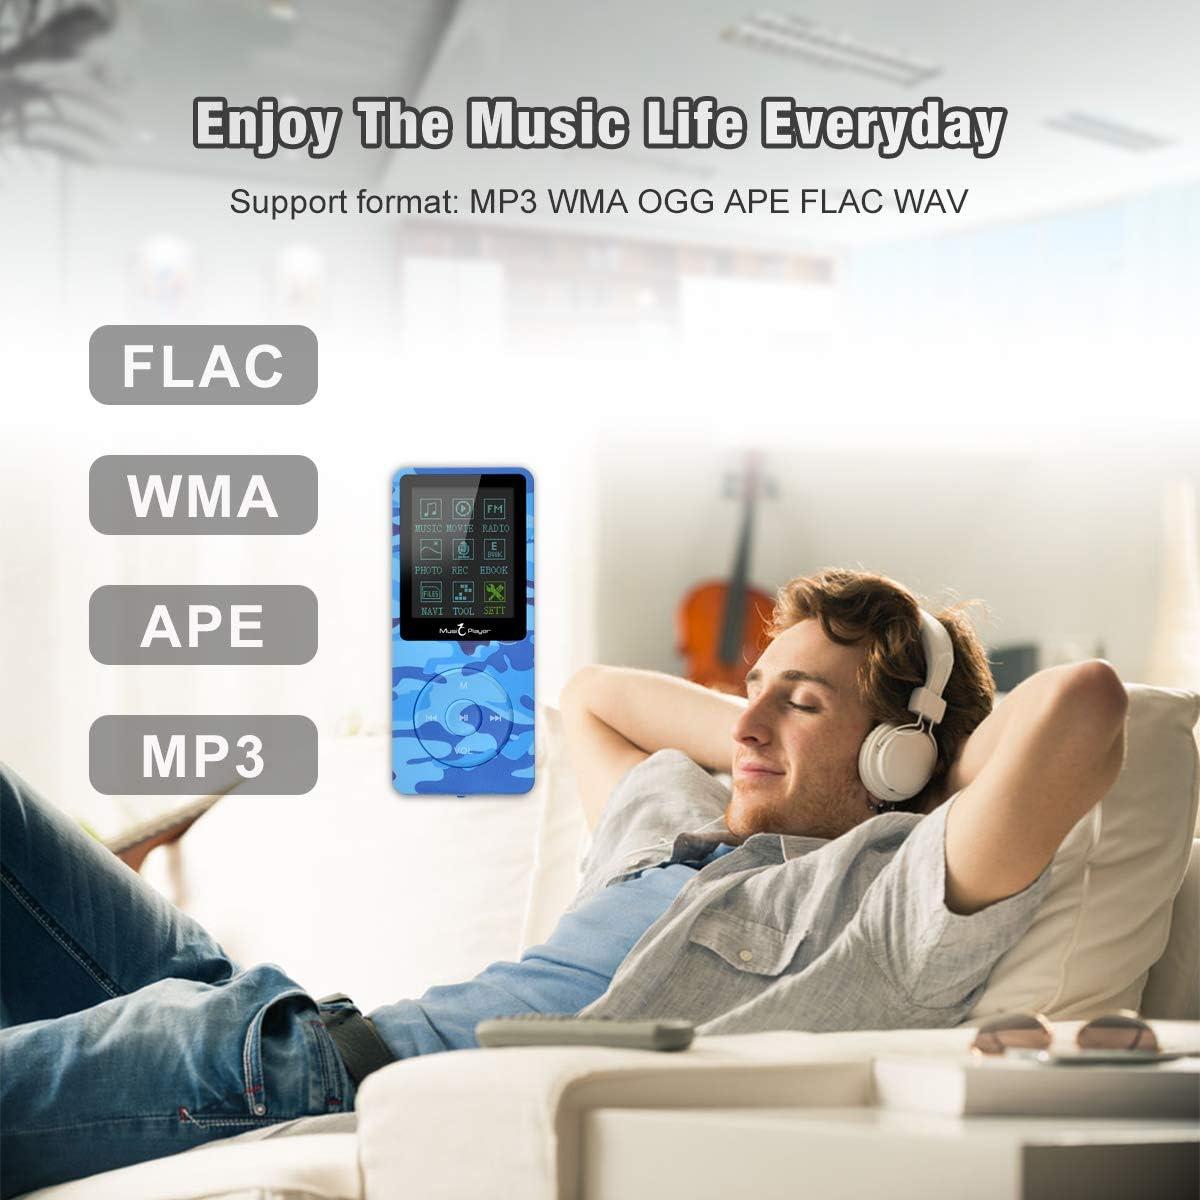 Camuflaje Verde soporta hasta 64 GB Lychee Reproductor MP3 70 Horas de Reproducci/ón de M/úsica MP3 sin P/érdida de Sonido Hi-Fi Entrada 8 GB de M/úsica MP4